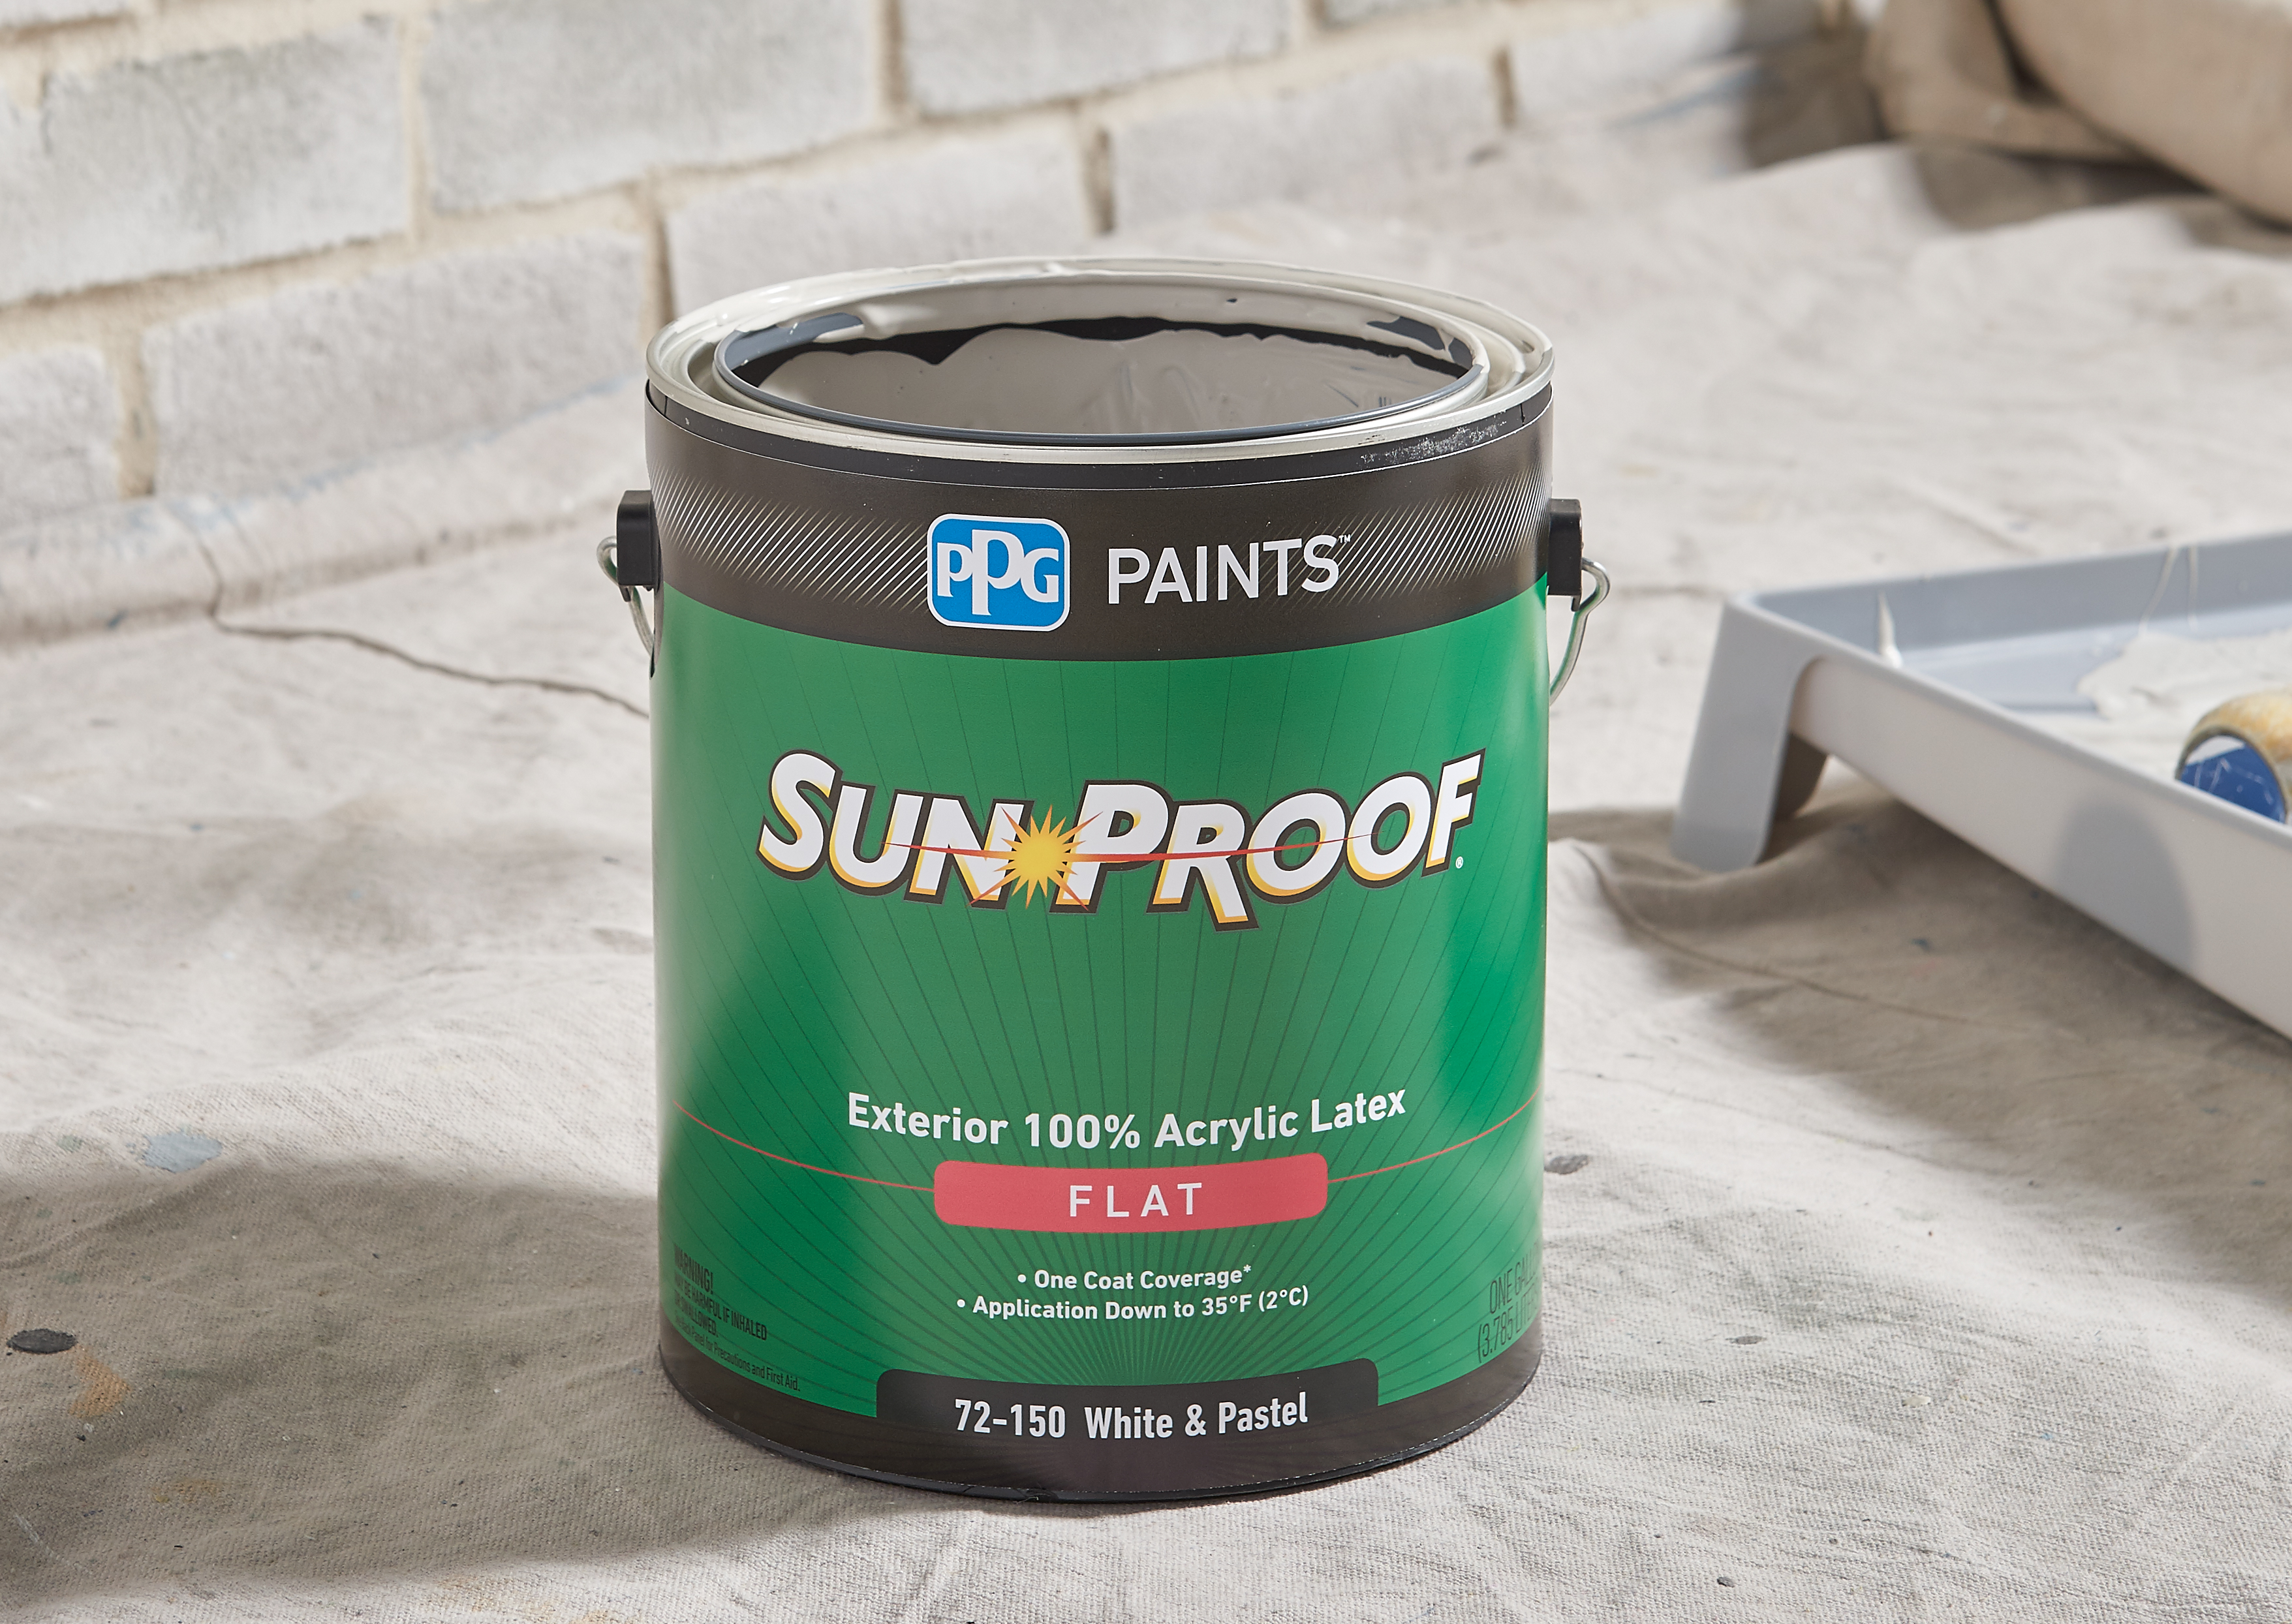 Best Mold Resistant Paint Profilan Moisture Resistant Paint For Bathrooms Bathroom Design Ideas